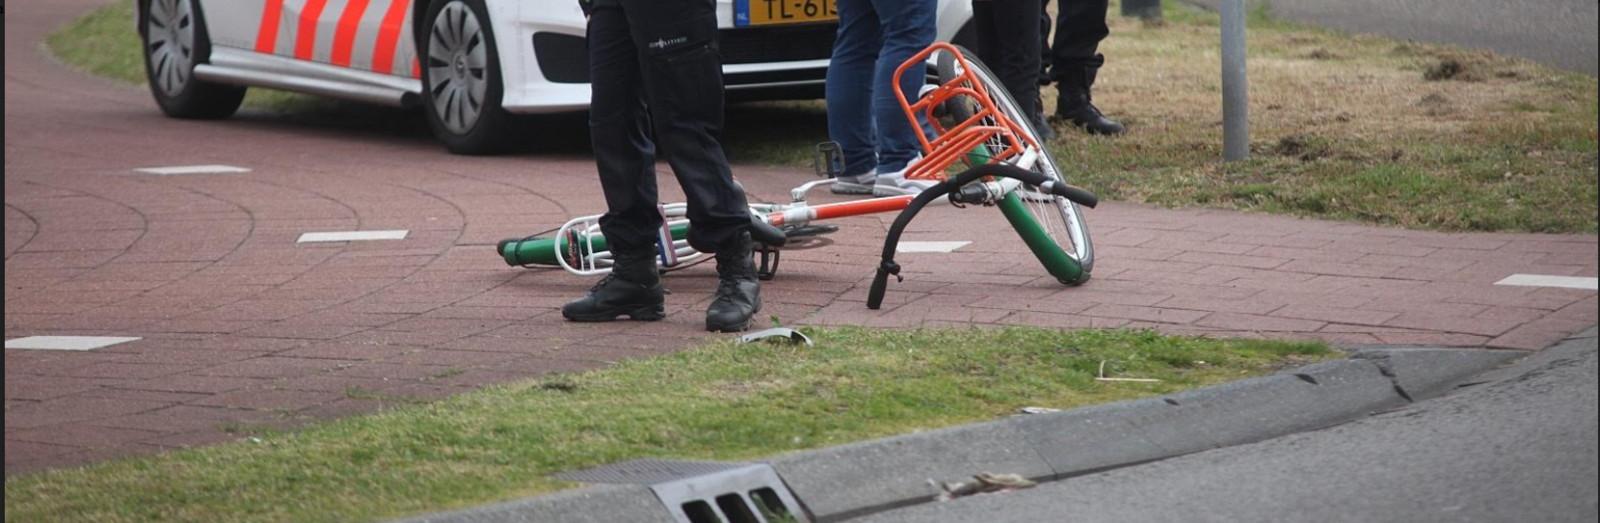 De fiets na het ongeval in Rijen.